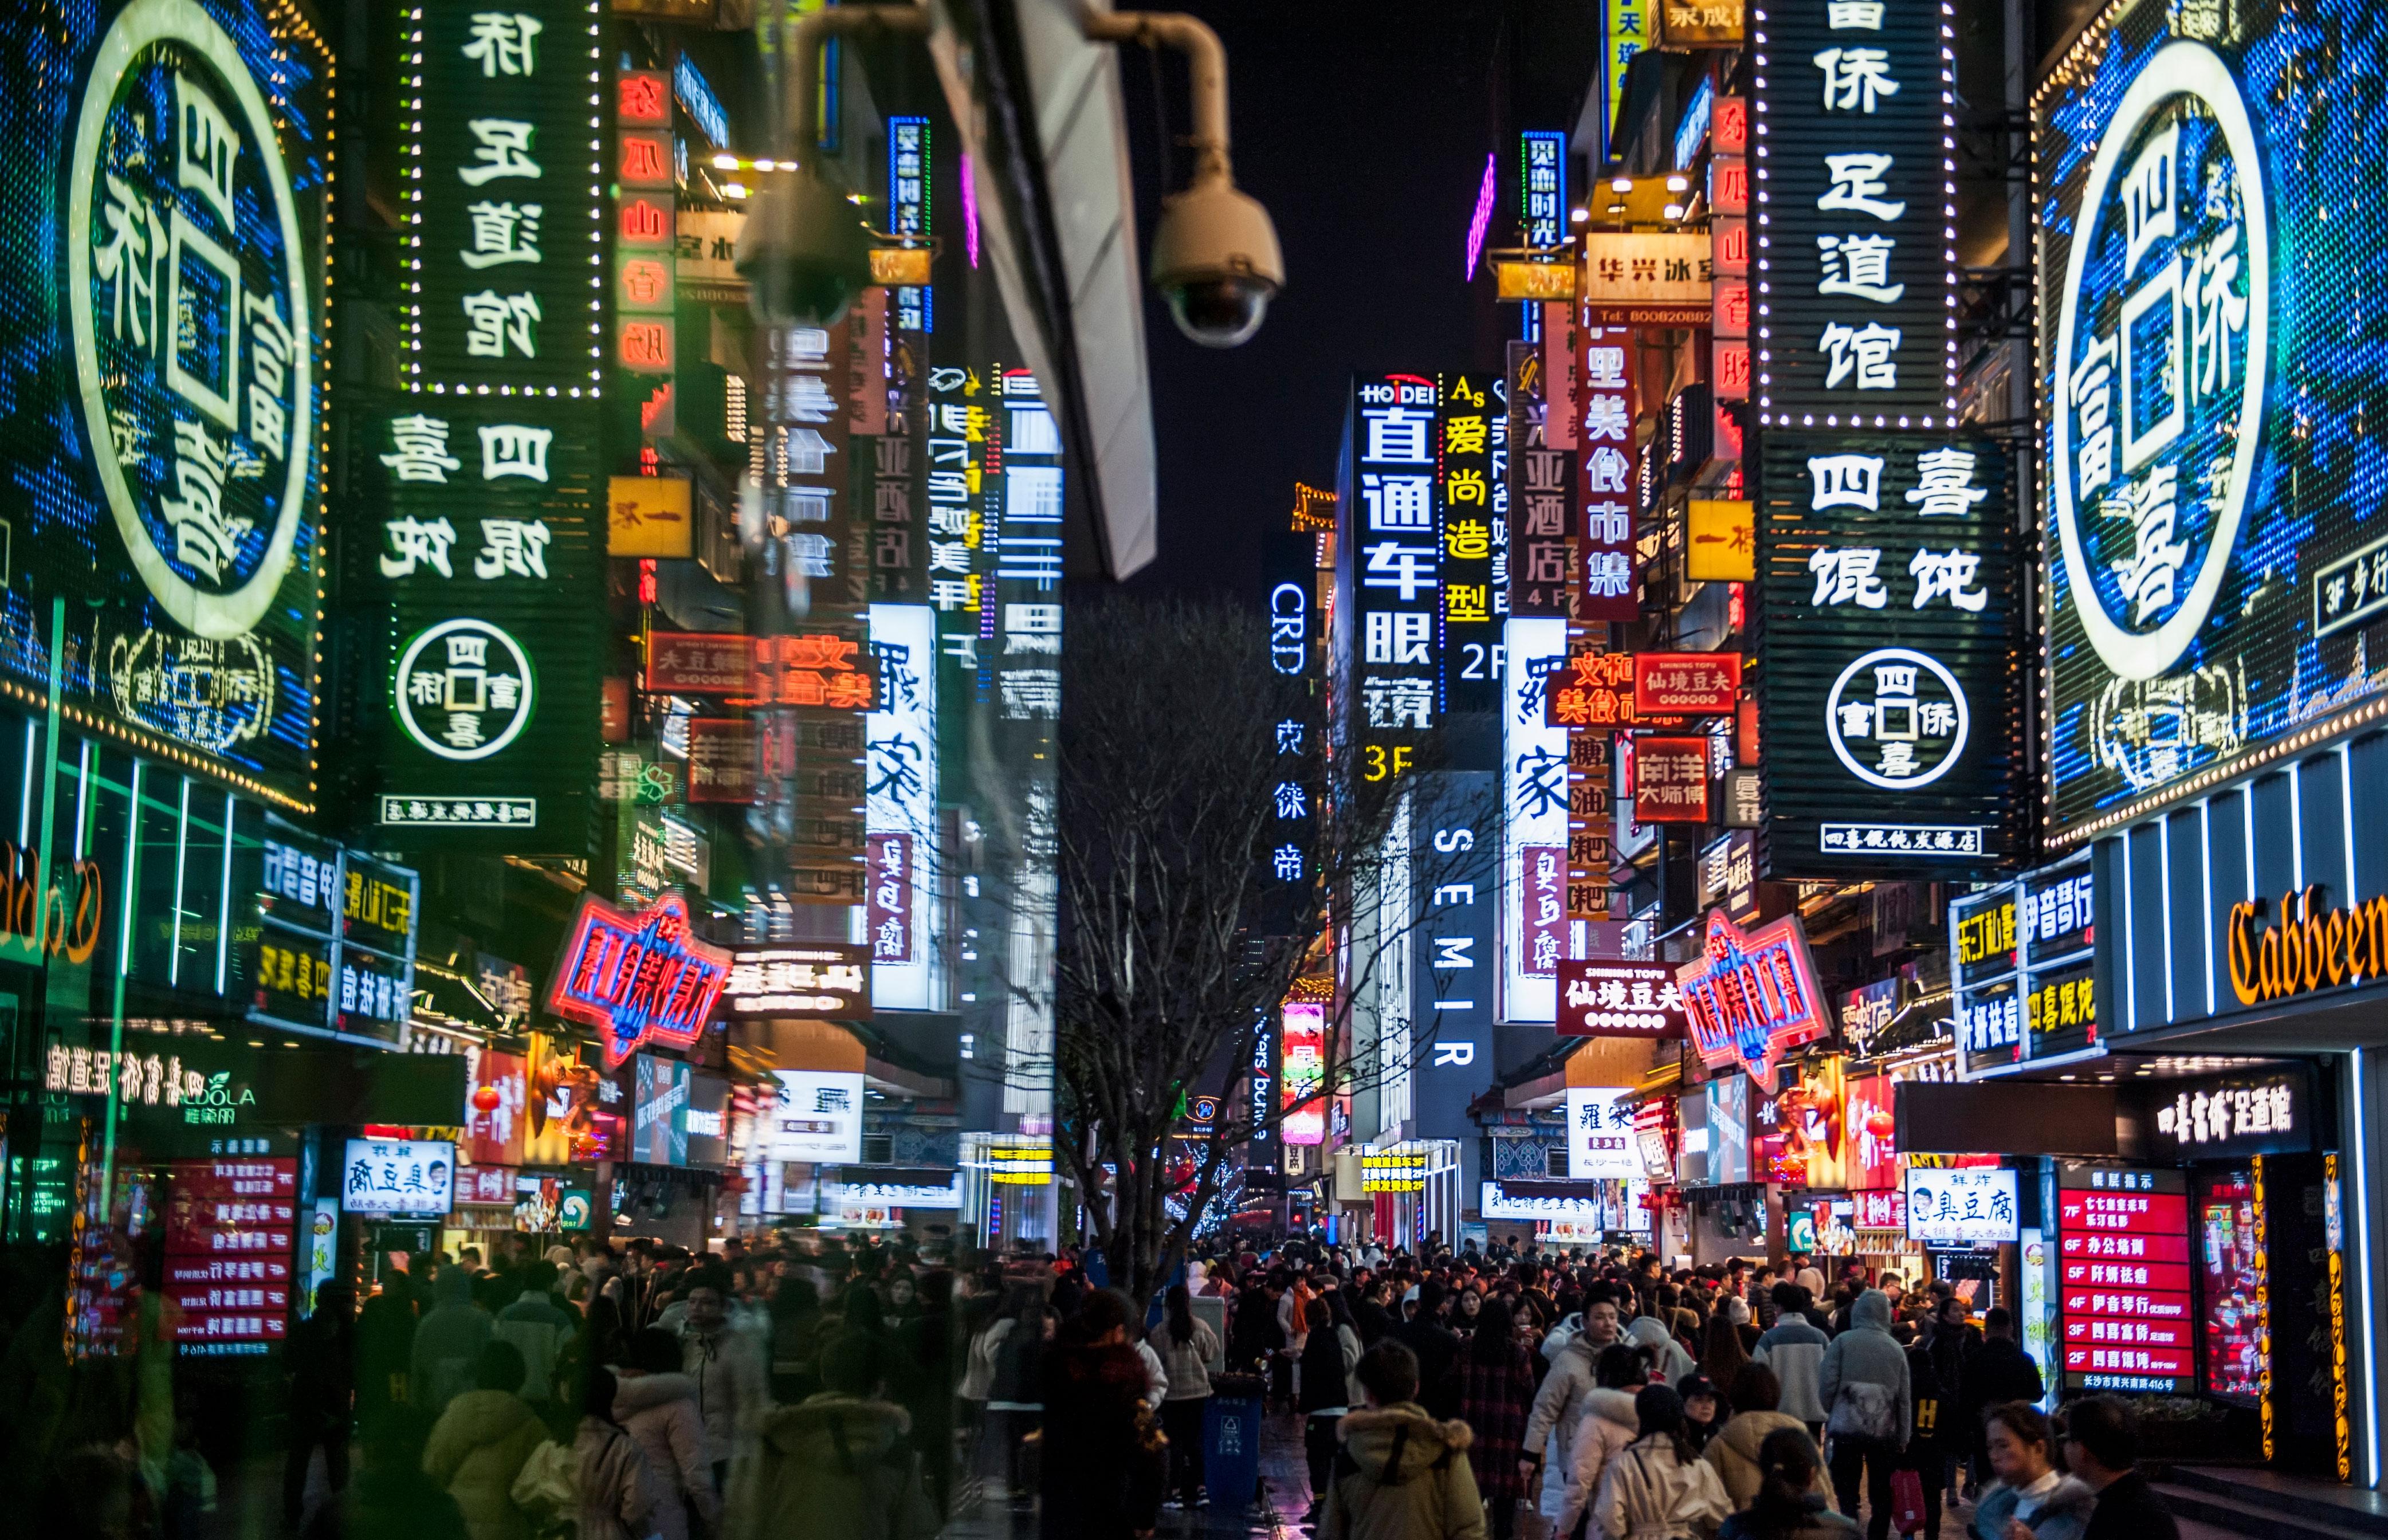 """【8号作品:霓虹闪烁】 夜幕降临,黄兴南路步行商业街霓虹闪烁、光影交织,拉开了""""不夜天心""""的序曲。"""